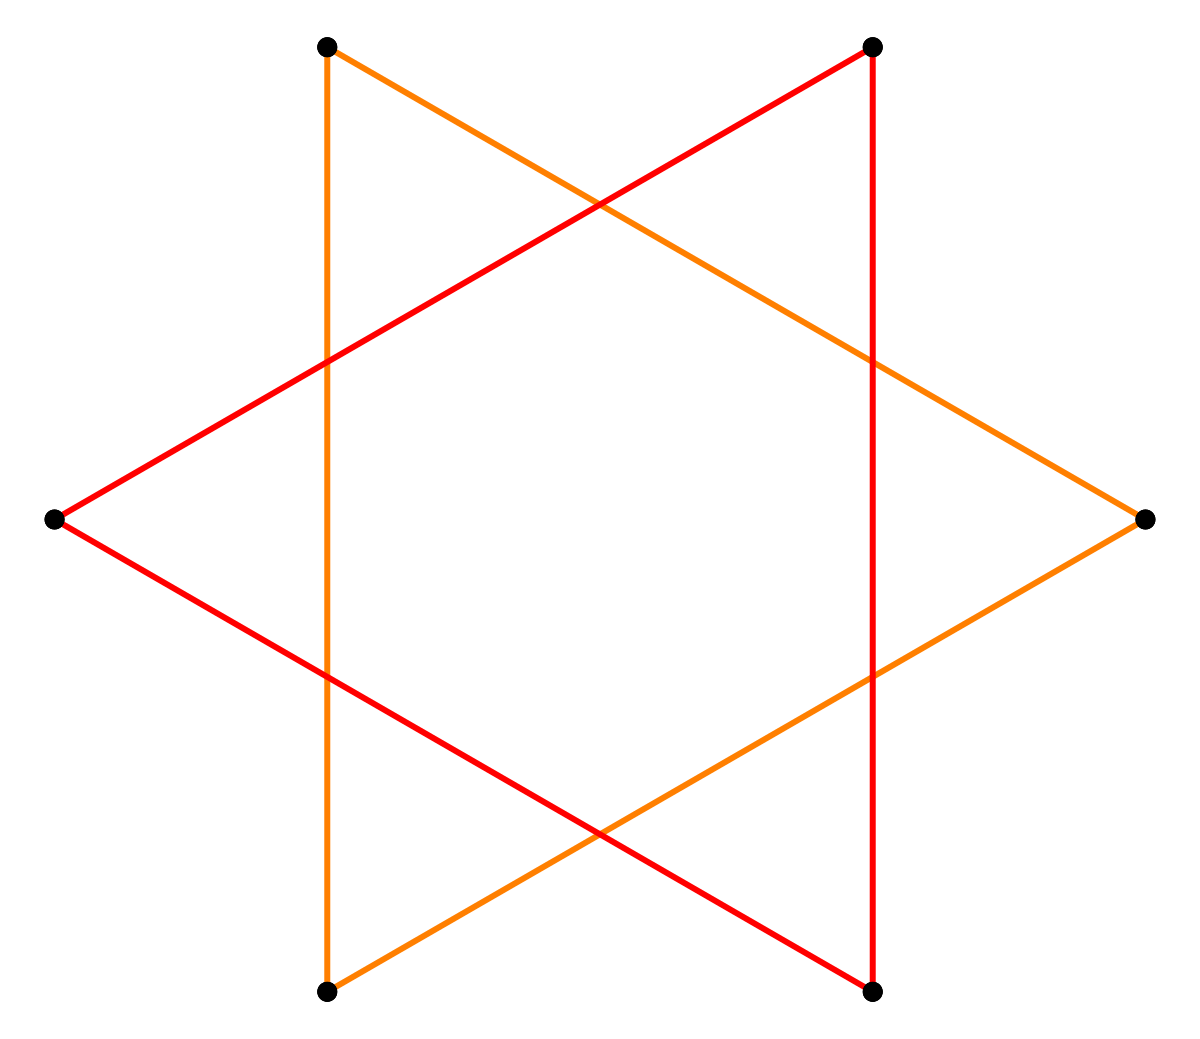 Hexagram.